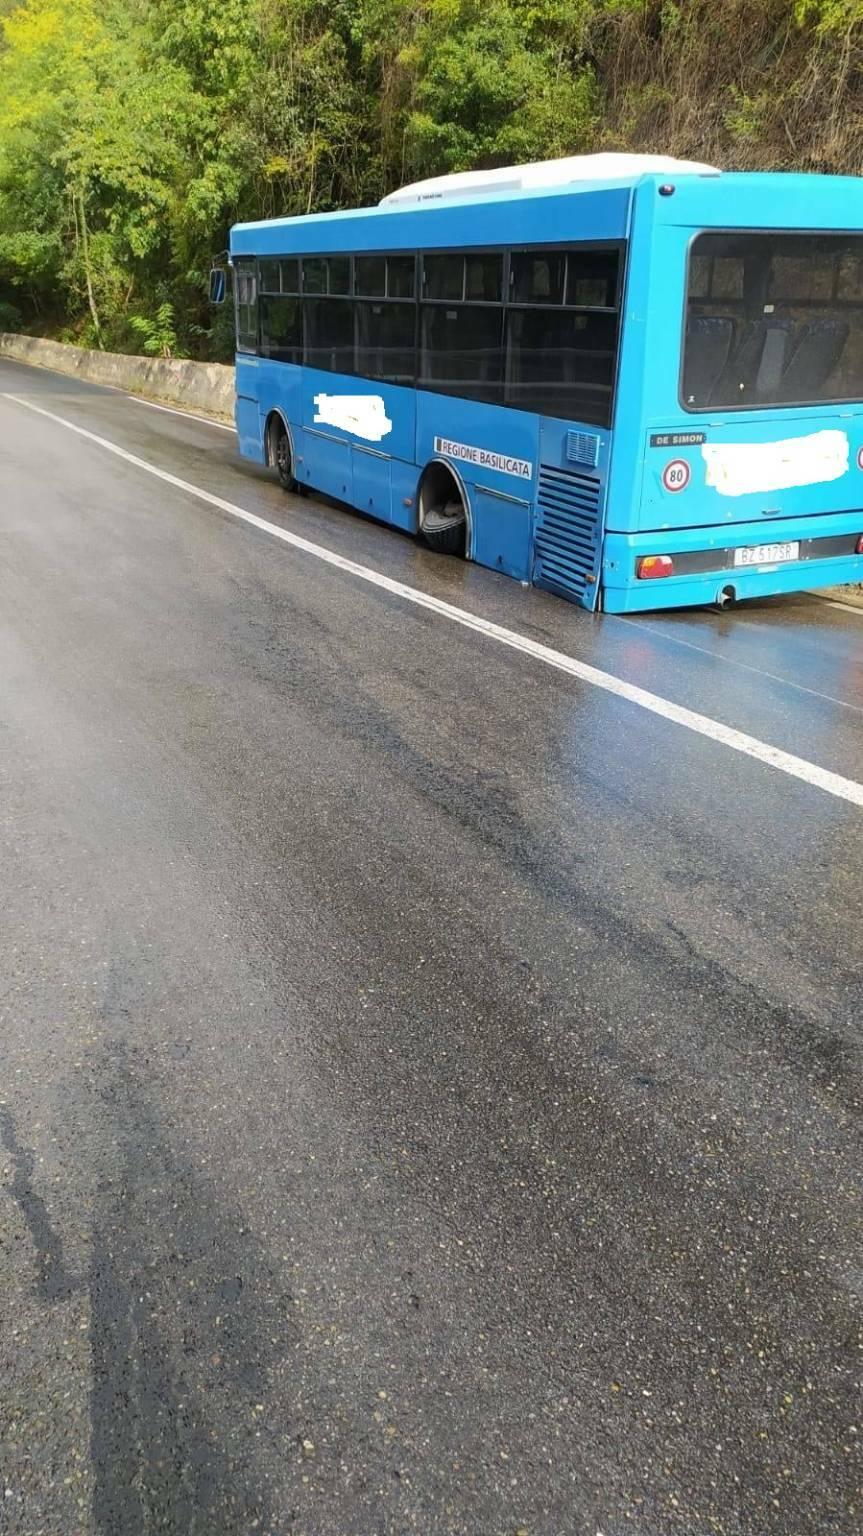 Autobus che ha perso le ruote